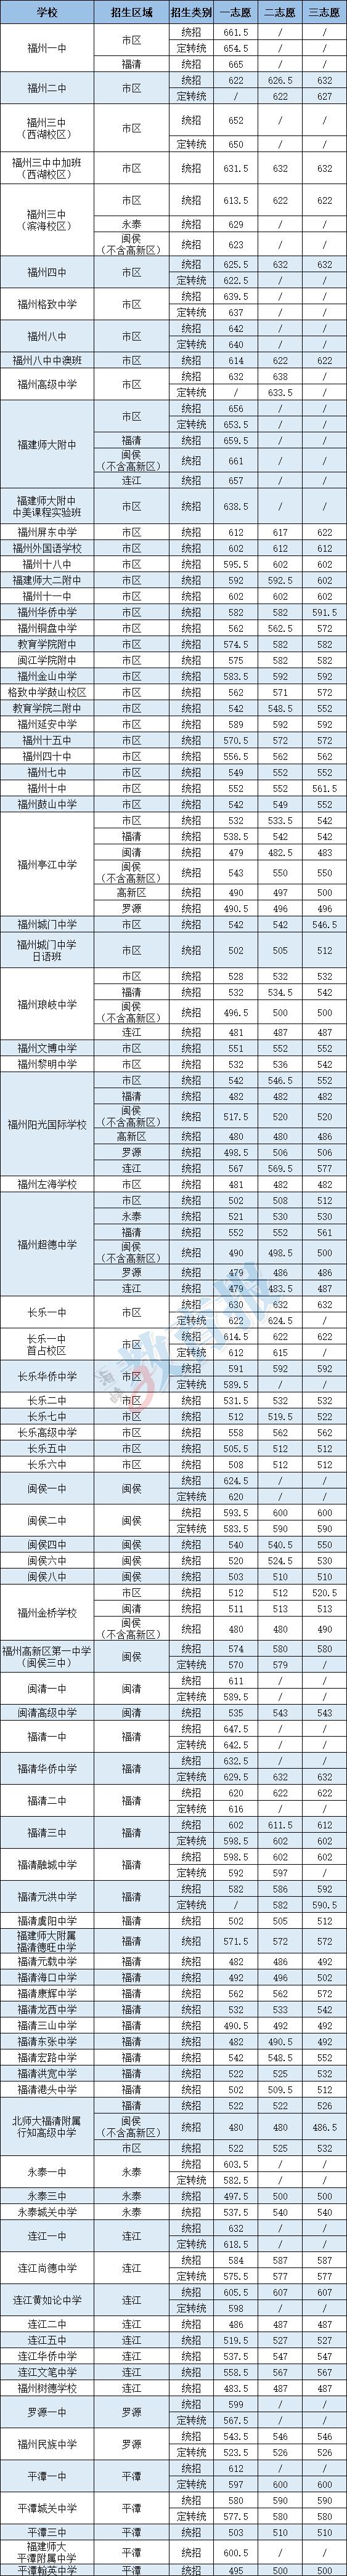 2020年福州中考分数_福州初三一检成绩出炉,参考2020年中考录取对应位次